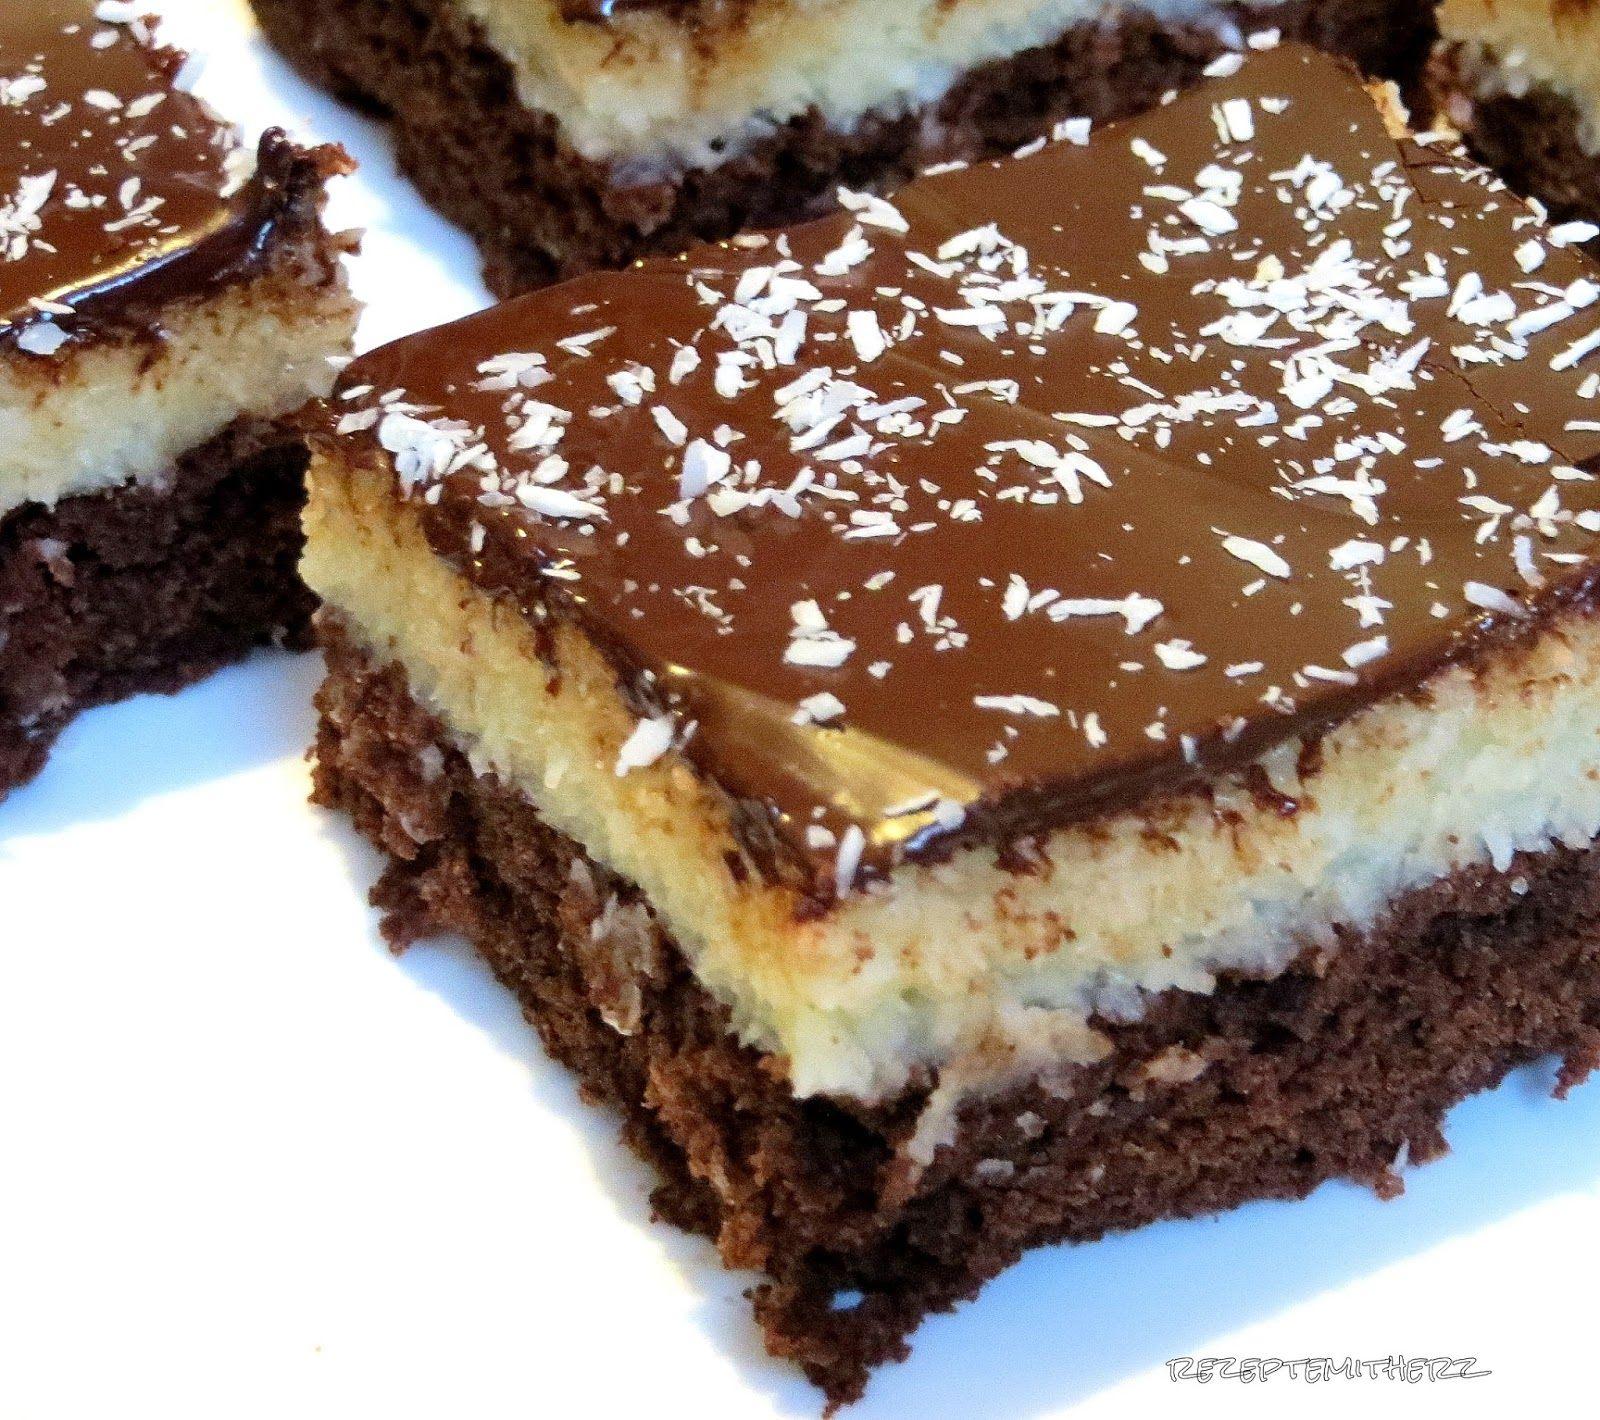 Wer Bounty Riegel mag dem schmeckt auch bestimmt ser Kuchen Herrlich saftig und gar nich